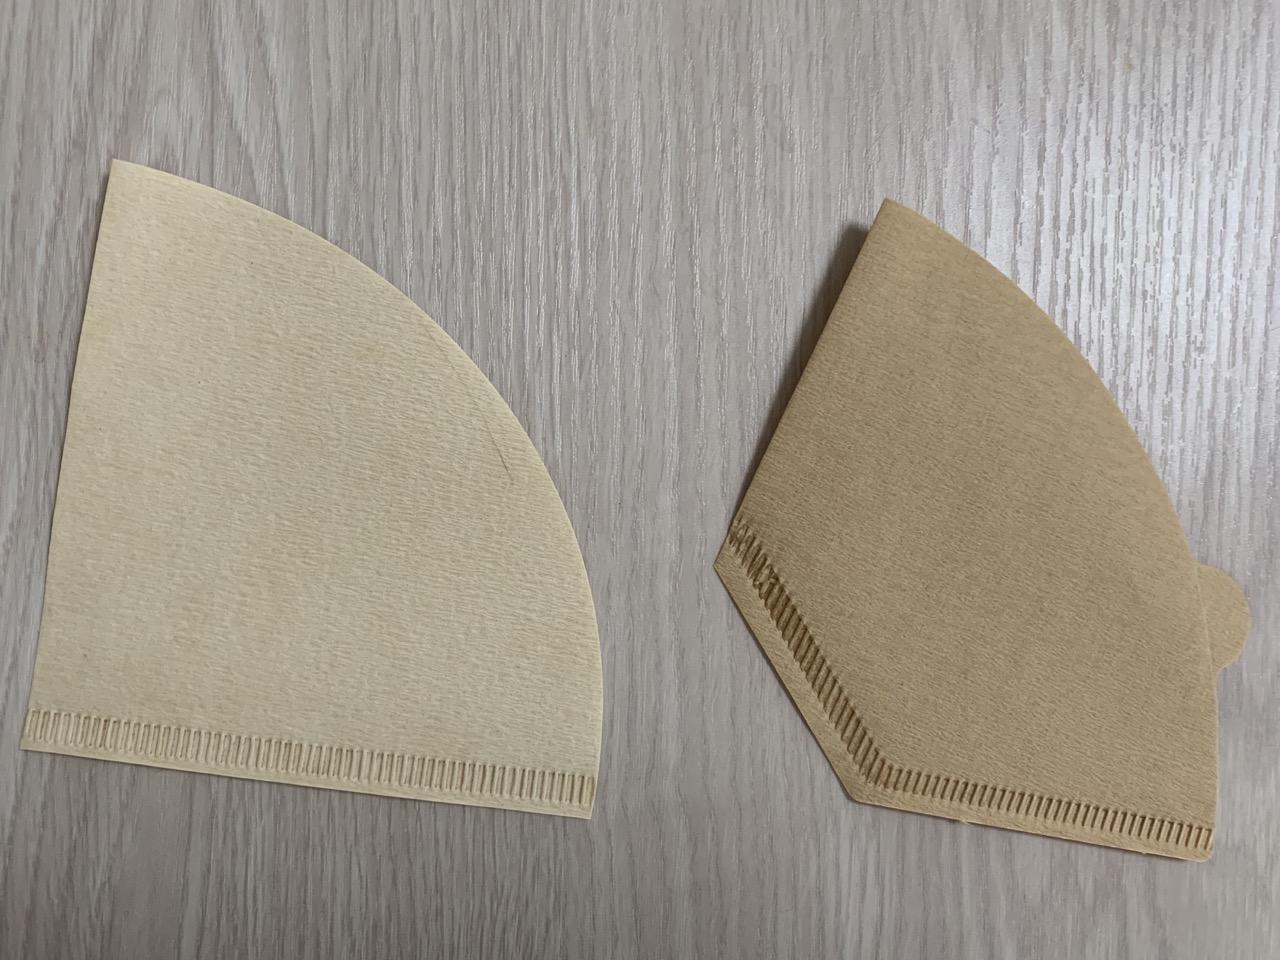 台形のペーパーフィルターを円錐型ドリッパーで使用する方法